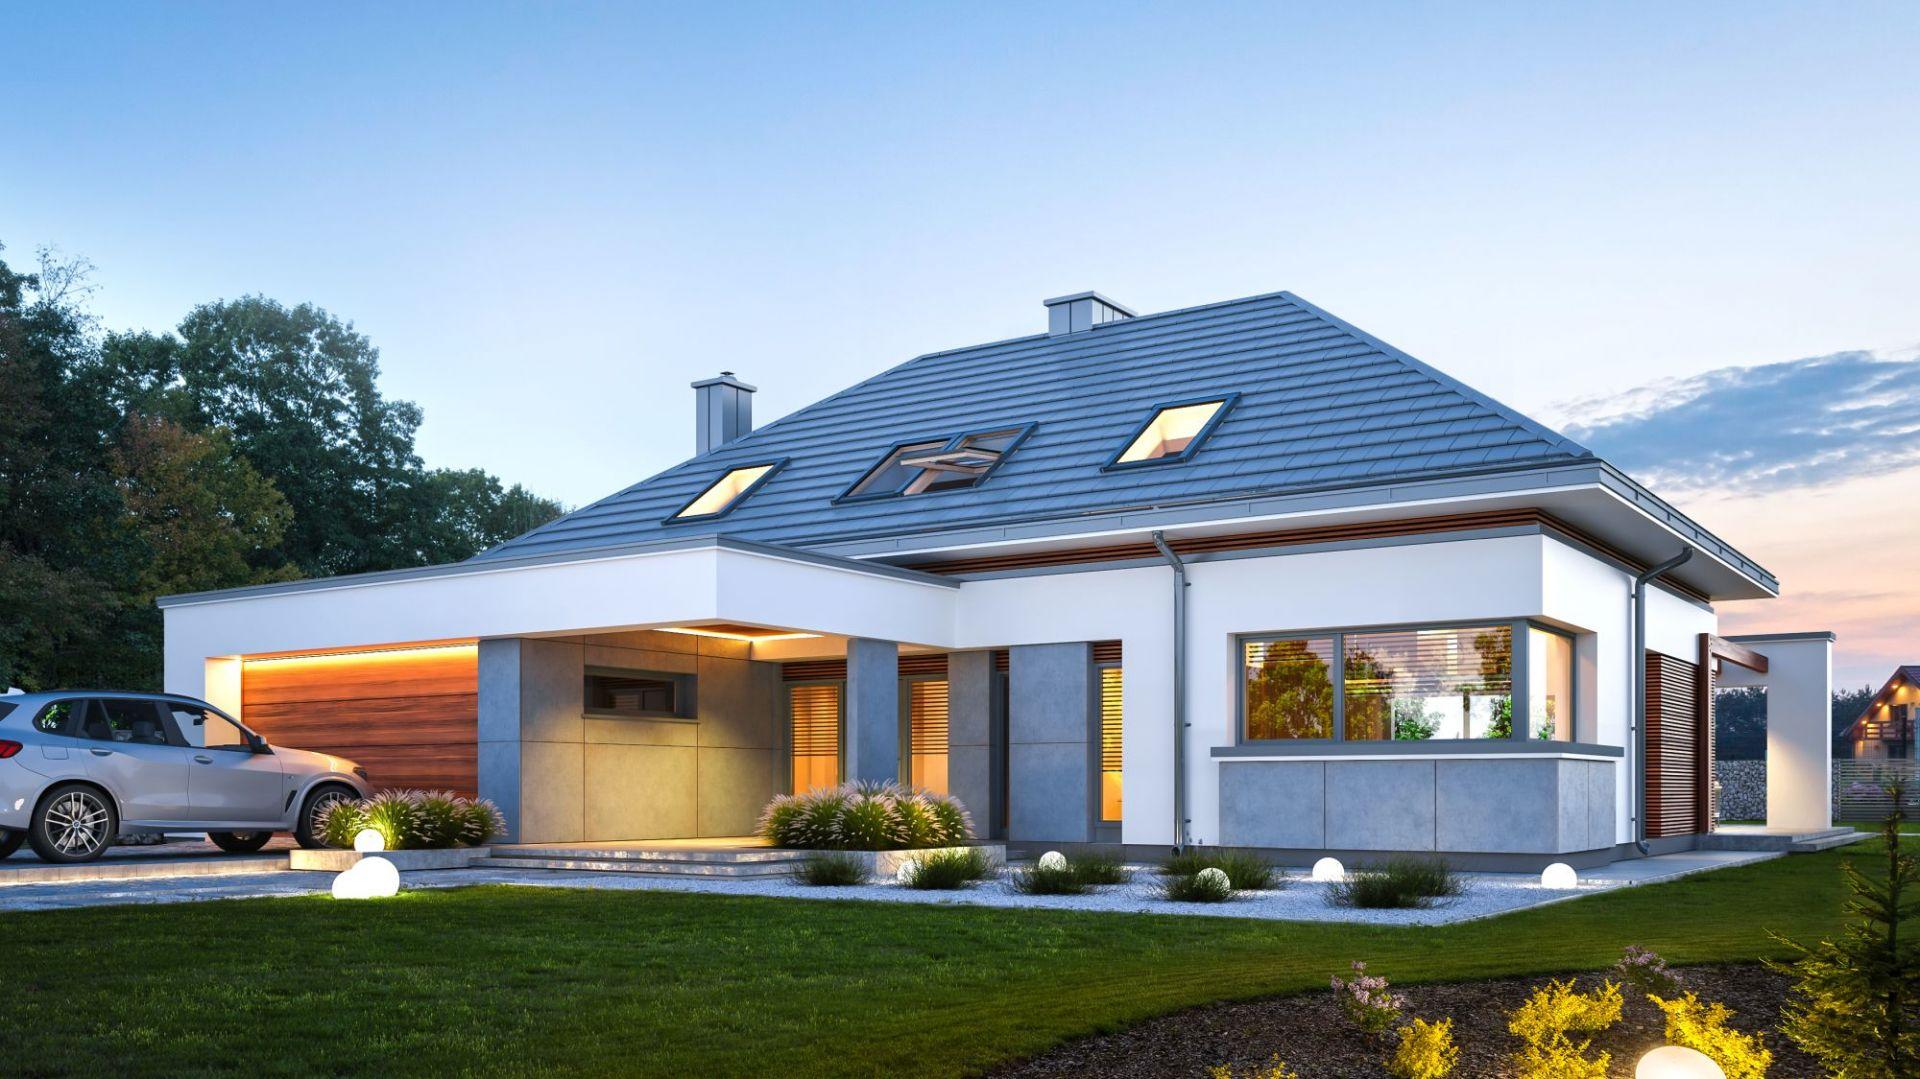 Nowoczesny dom. Zobacz idealny projekt dla współczesnej rodziny